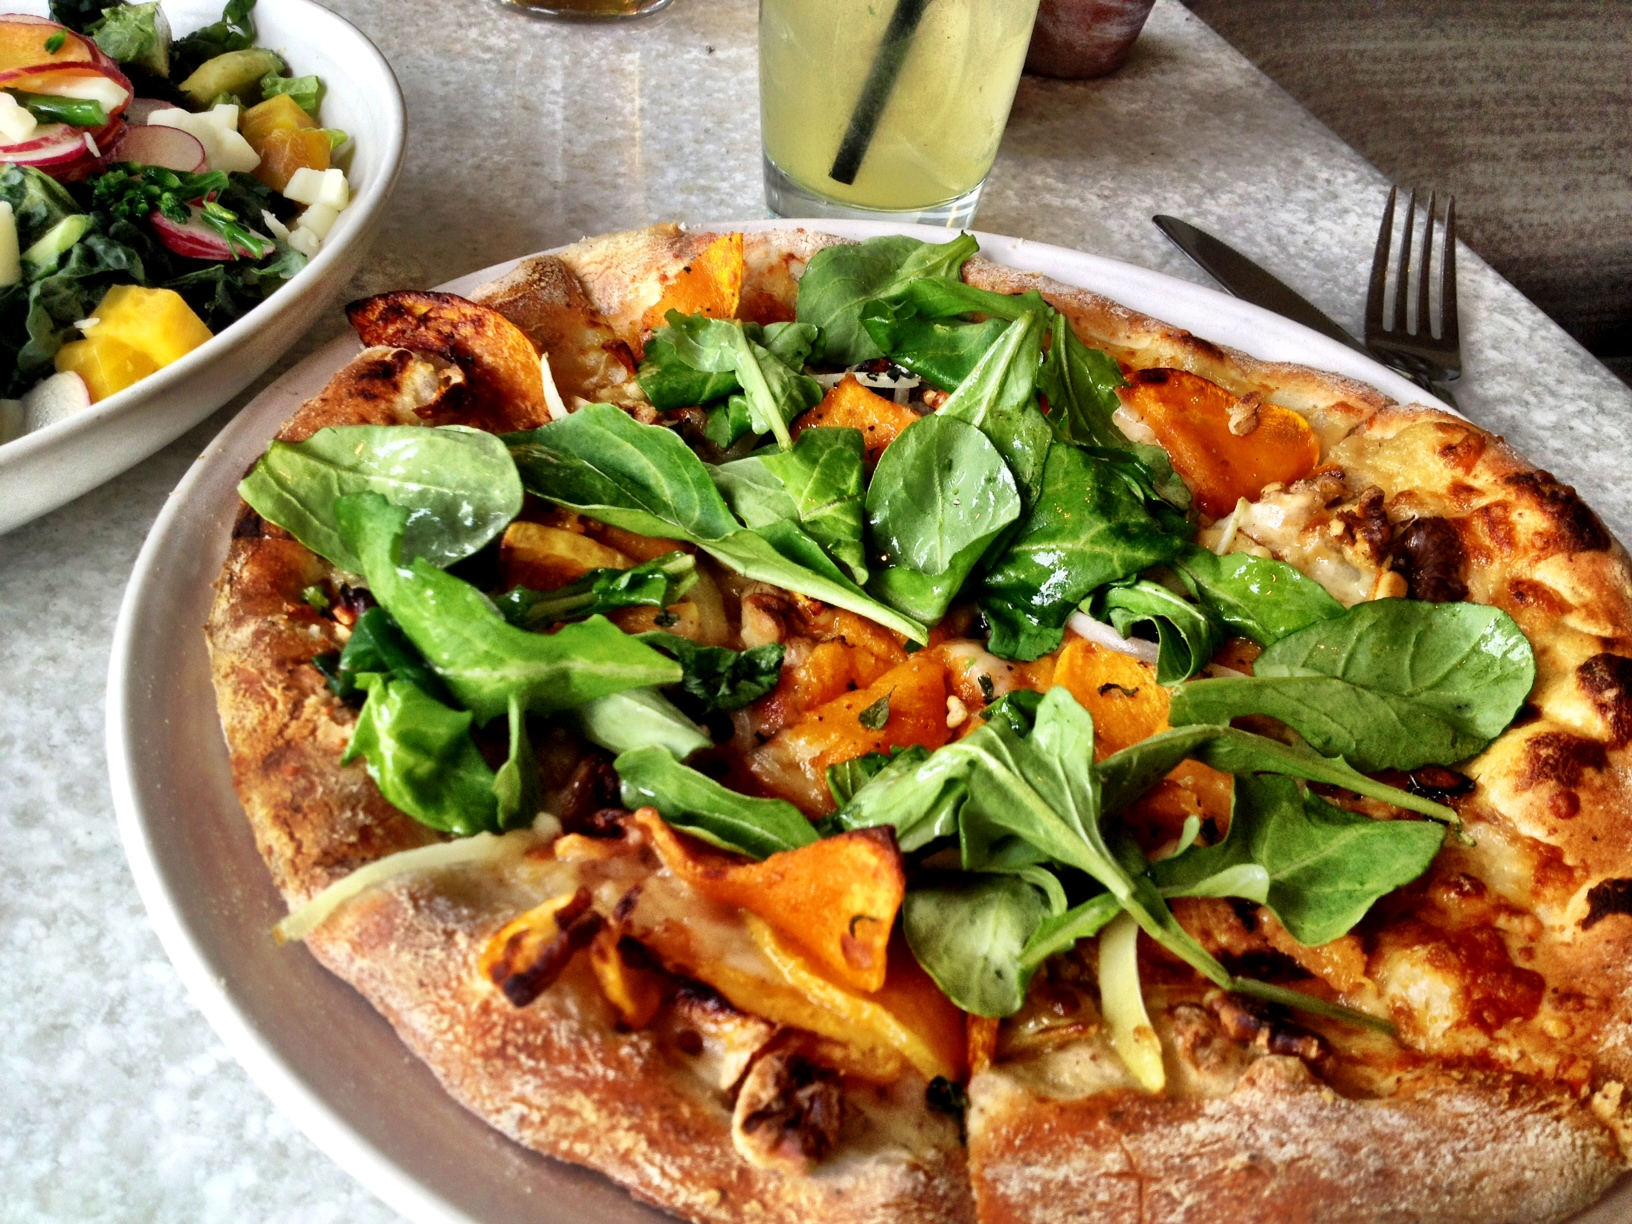 Butternut squash pizza from True Food